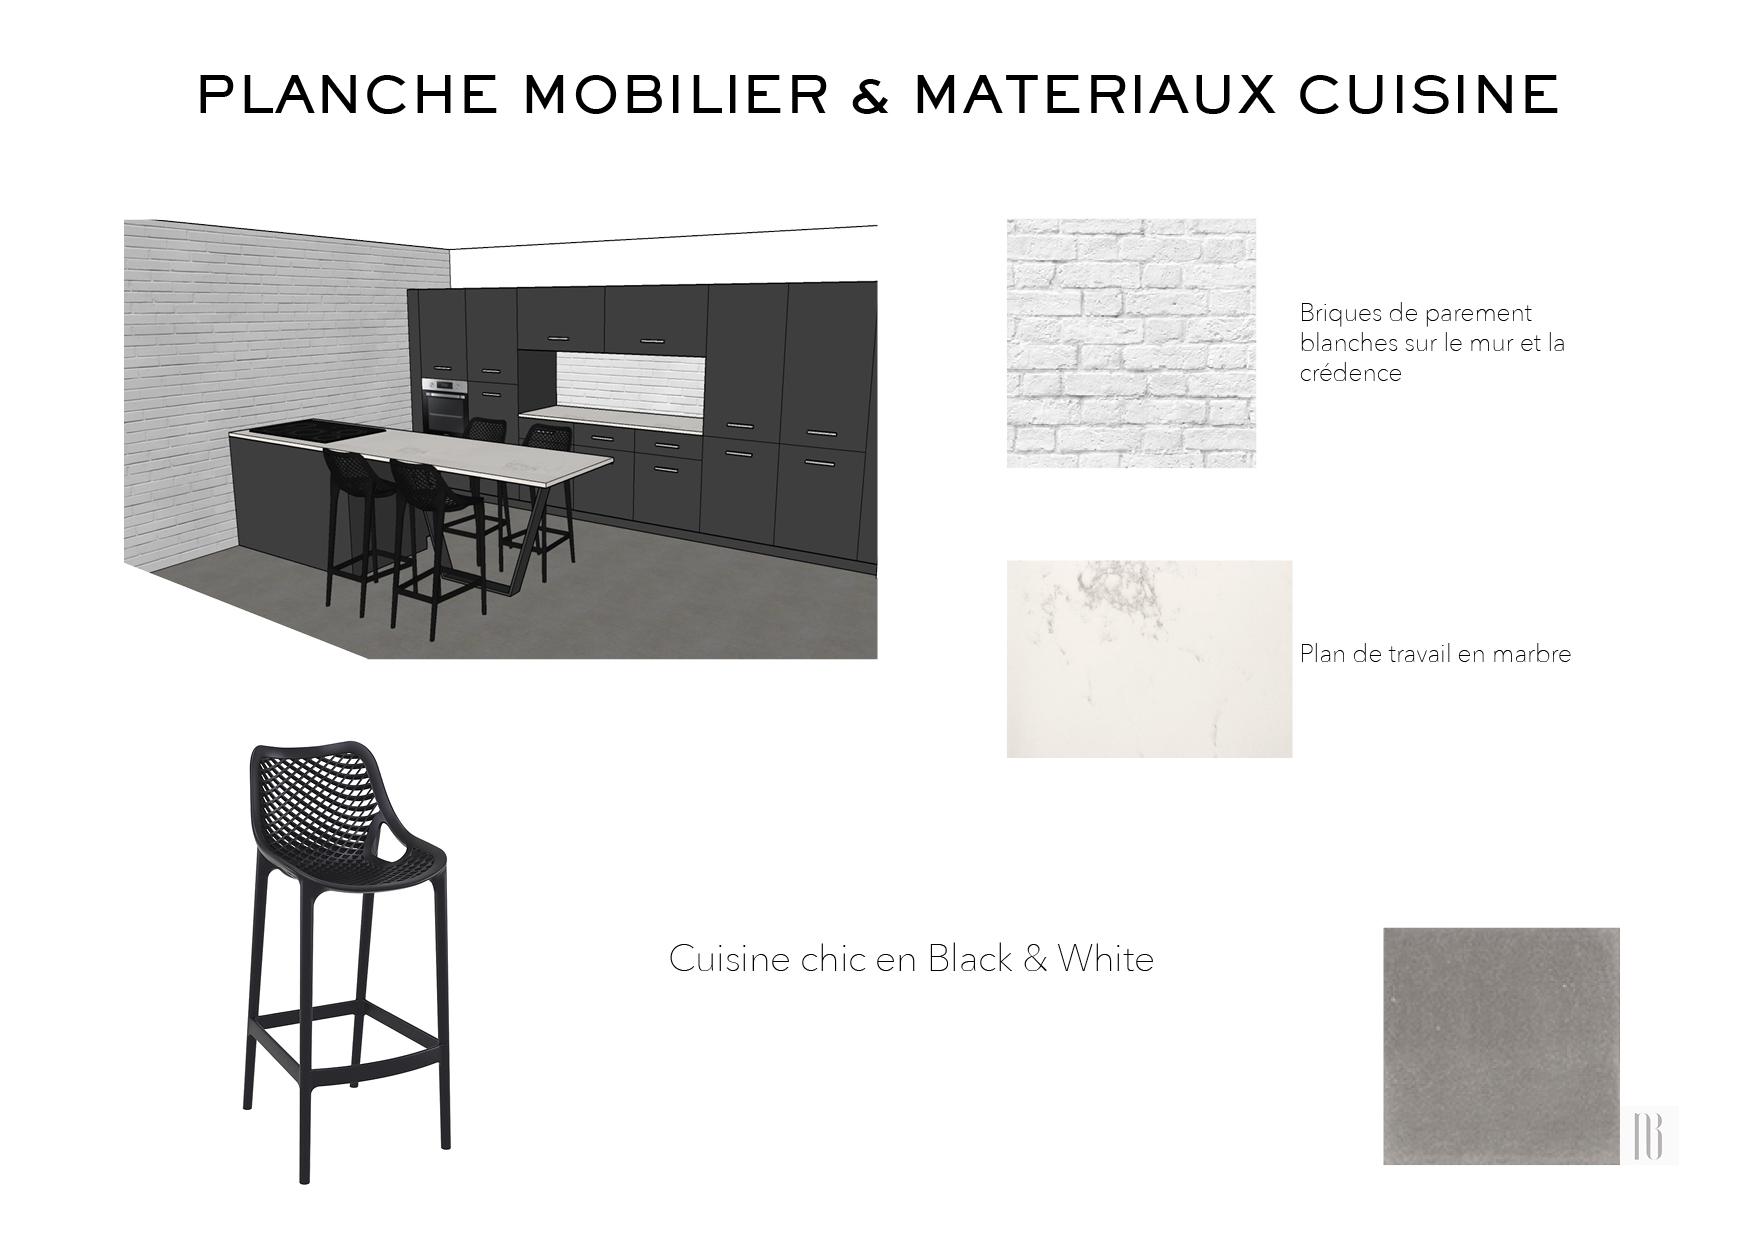 Nathalie Bossard décoration architecture intérieur Rennes 35 UFDI-390 Book déco maison en construction Bédée Ille et vilaine planche mobilier et matériaux cuisine